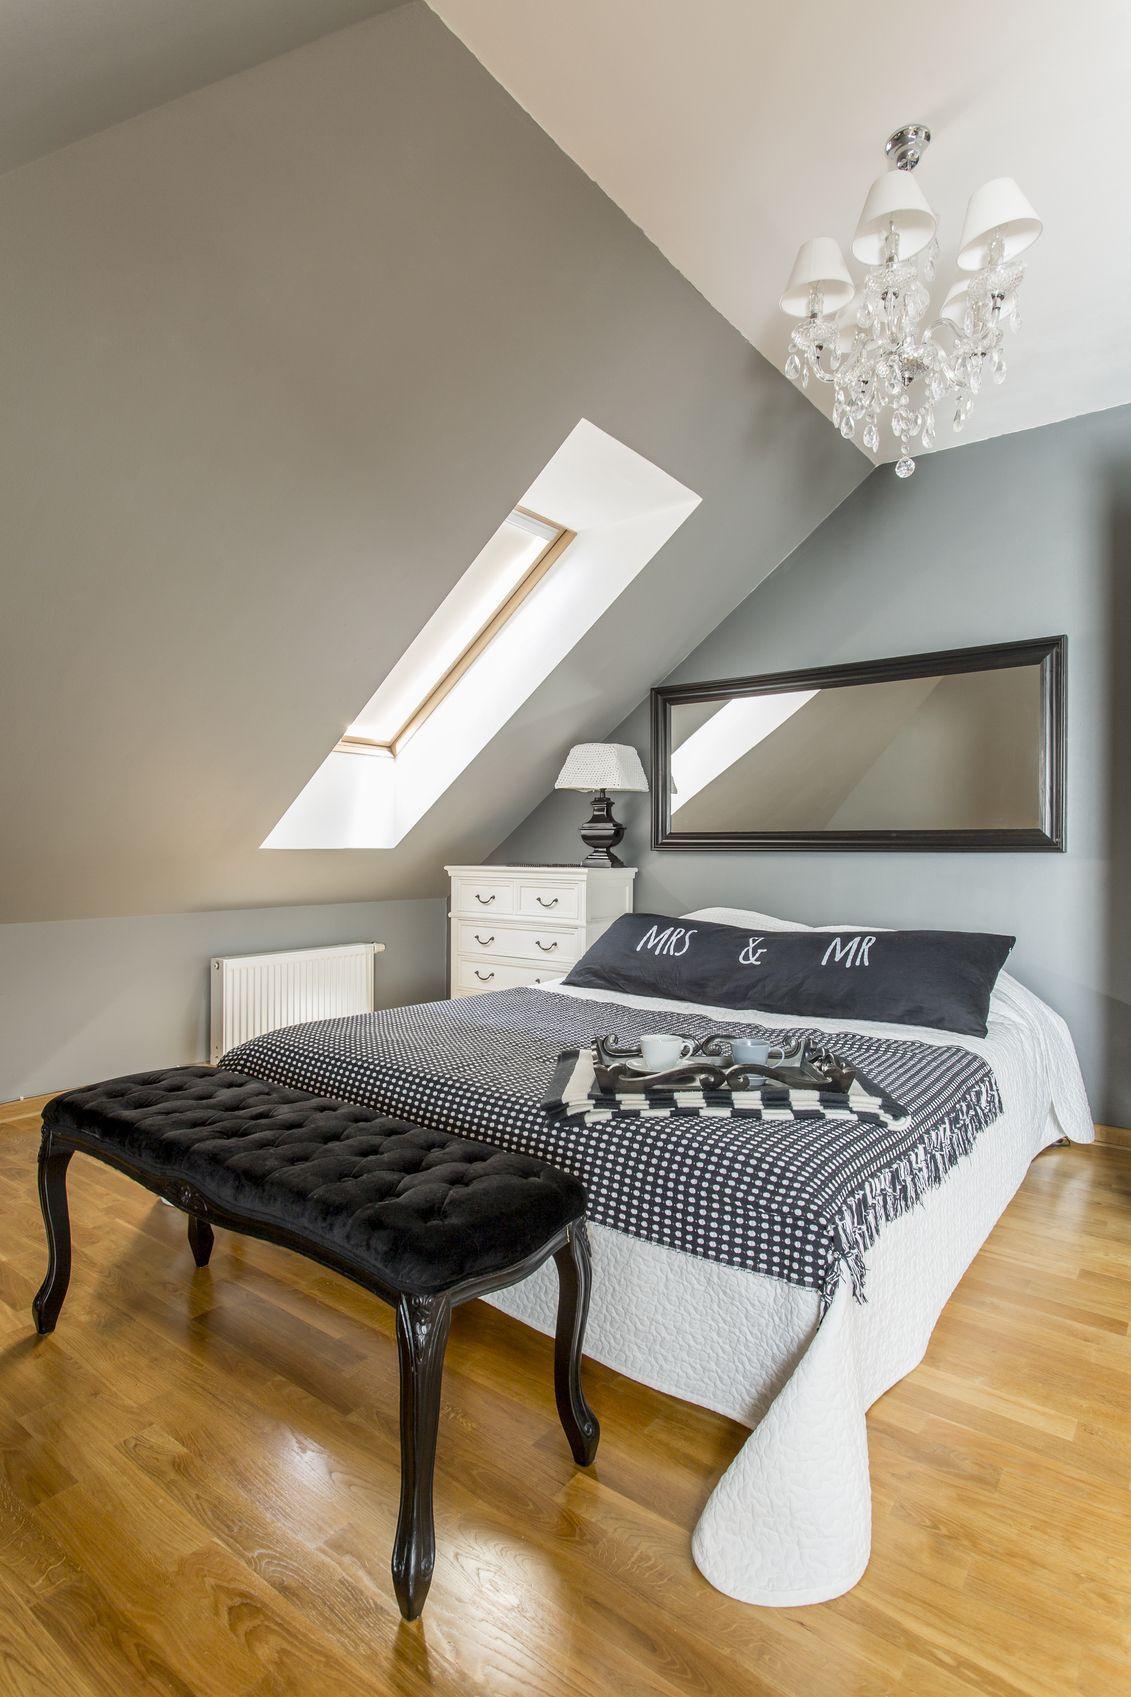 dachschrgen im schlafzimmer gestalten - Schlafzimmer Gestalten Mit Dachschrage